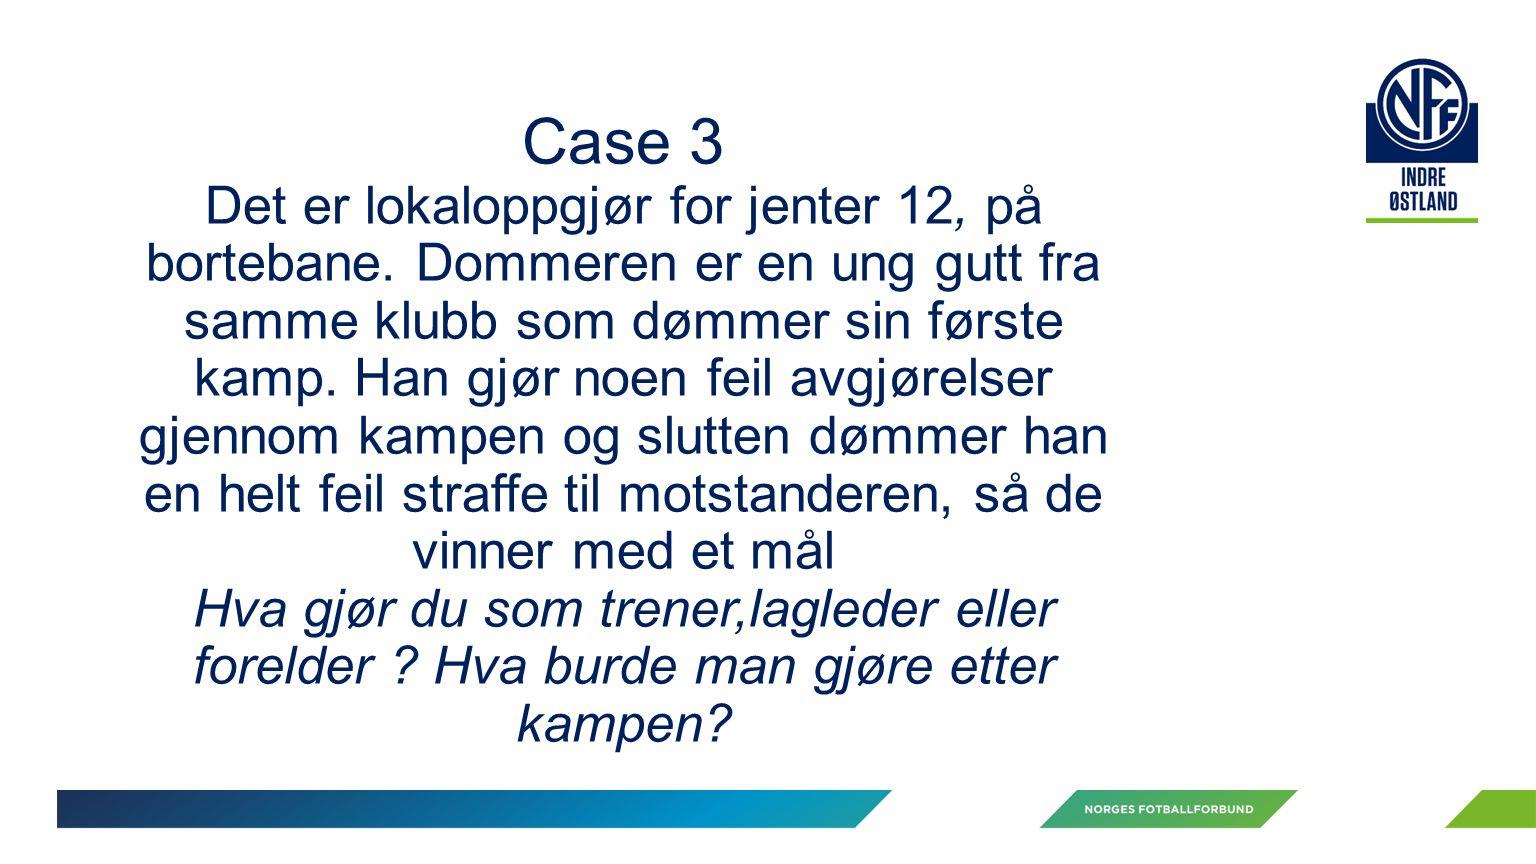 Case 3 Det er lokaloppgjør for jenter 12, på bortebane.